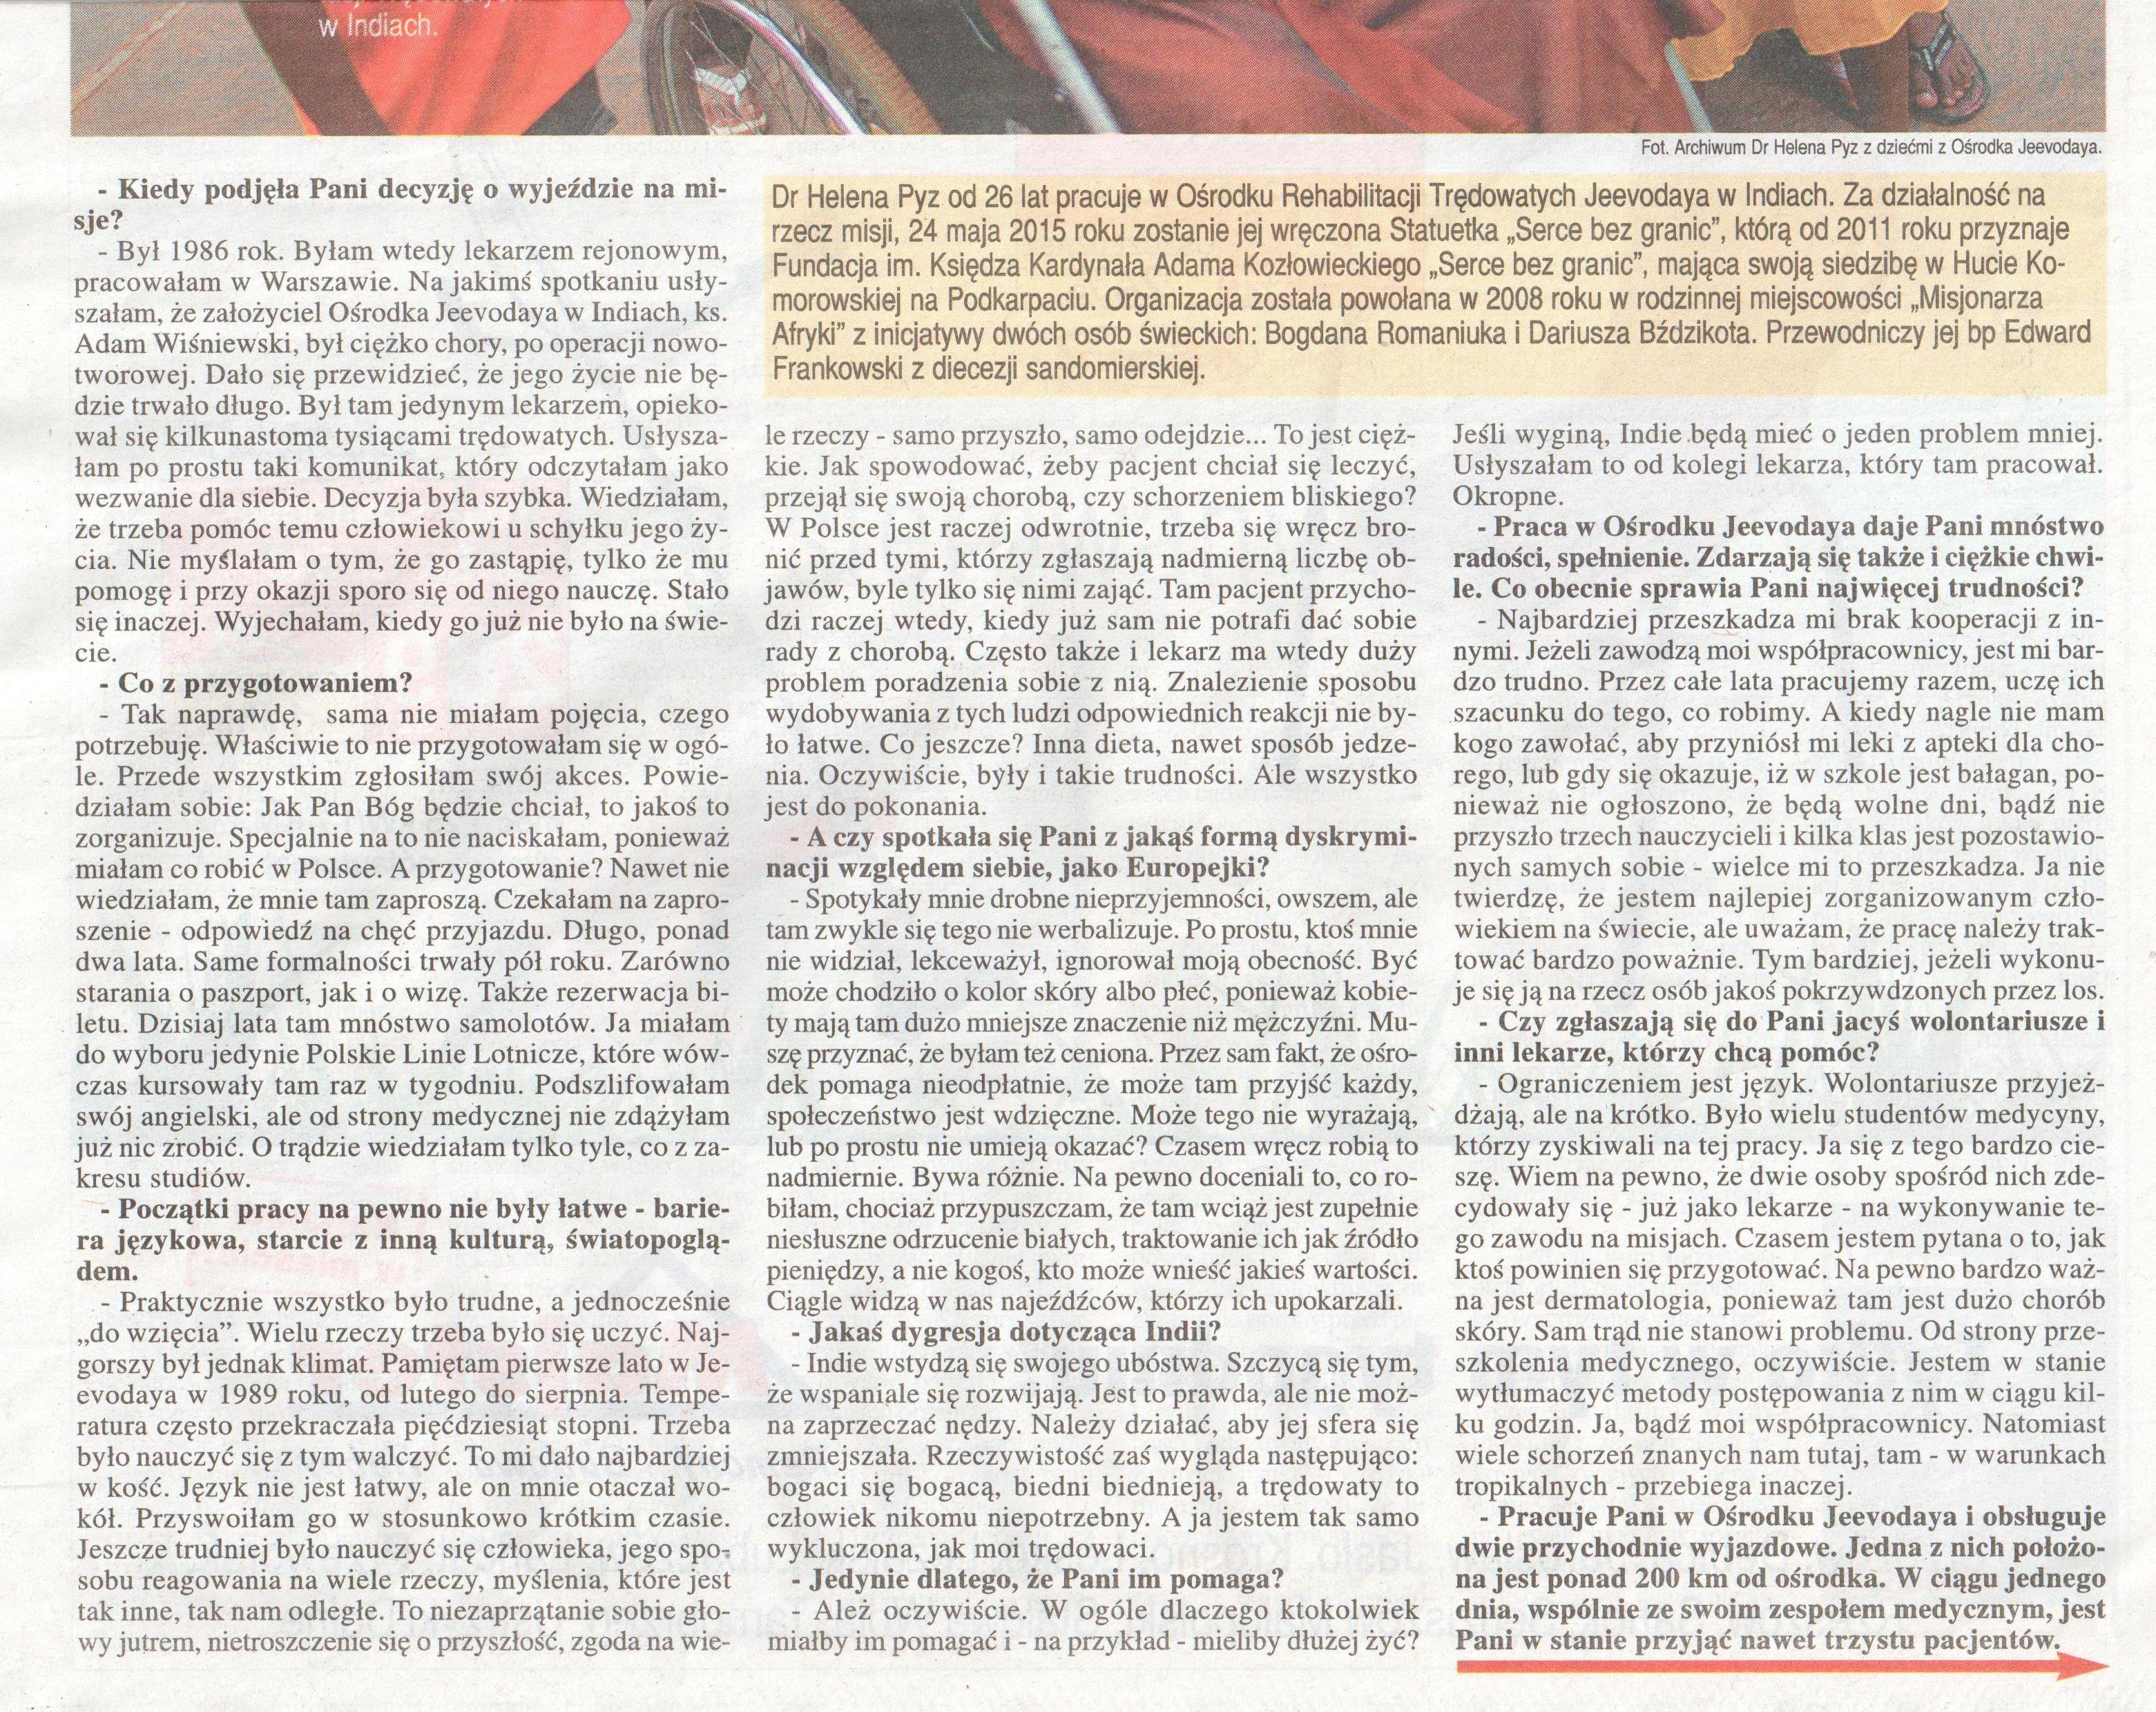 Wywiad z Panią dr Heleną Pyz, cz. 2